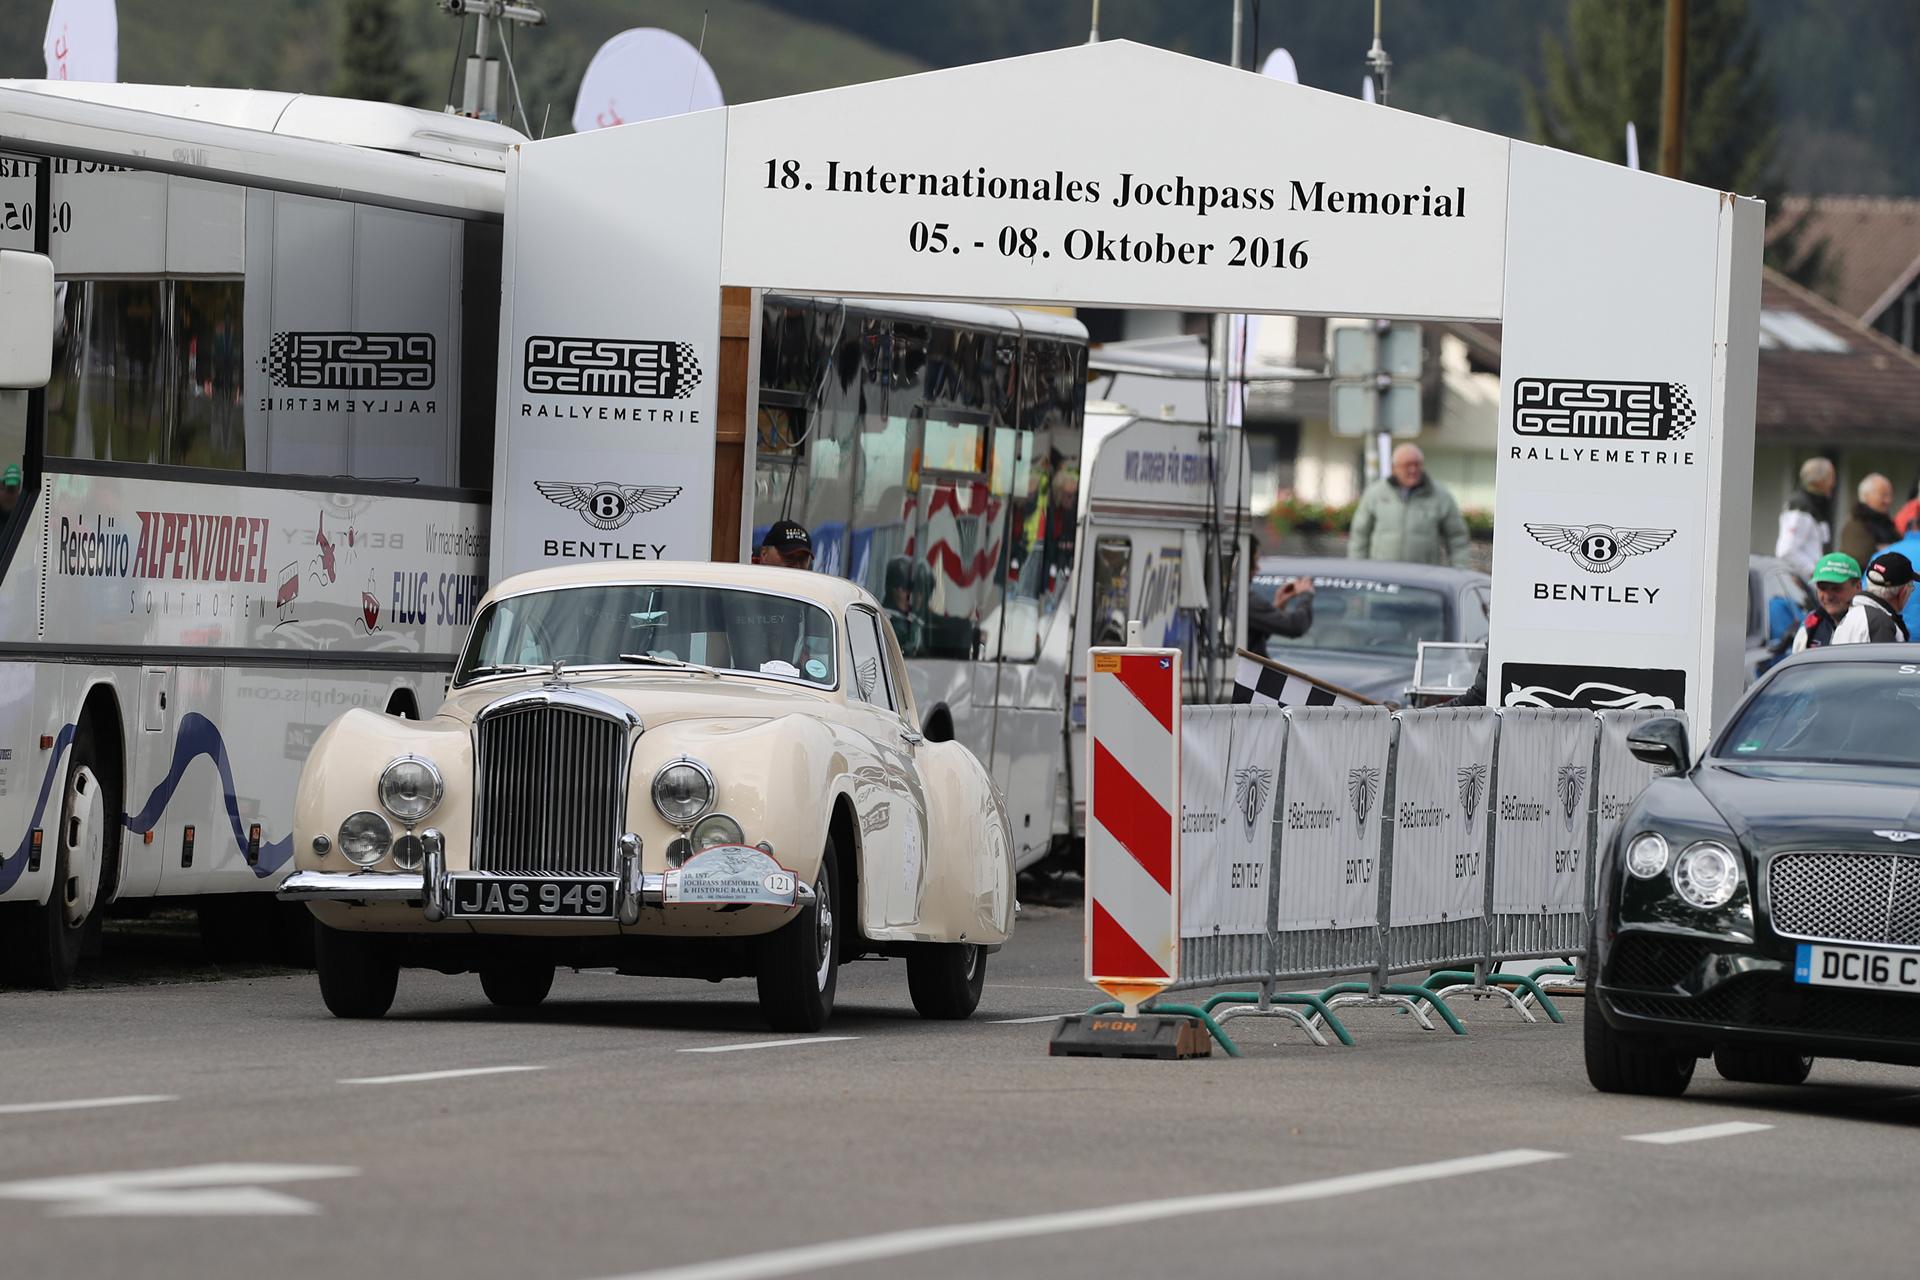 Bentley at the Jochpass Memorial and Historic-Rallye © Volkswagen AG